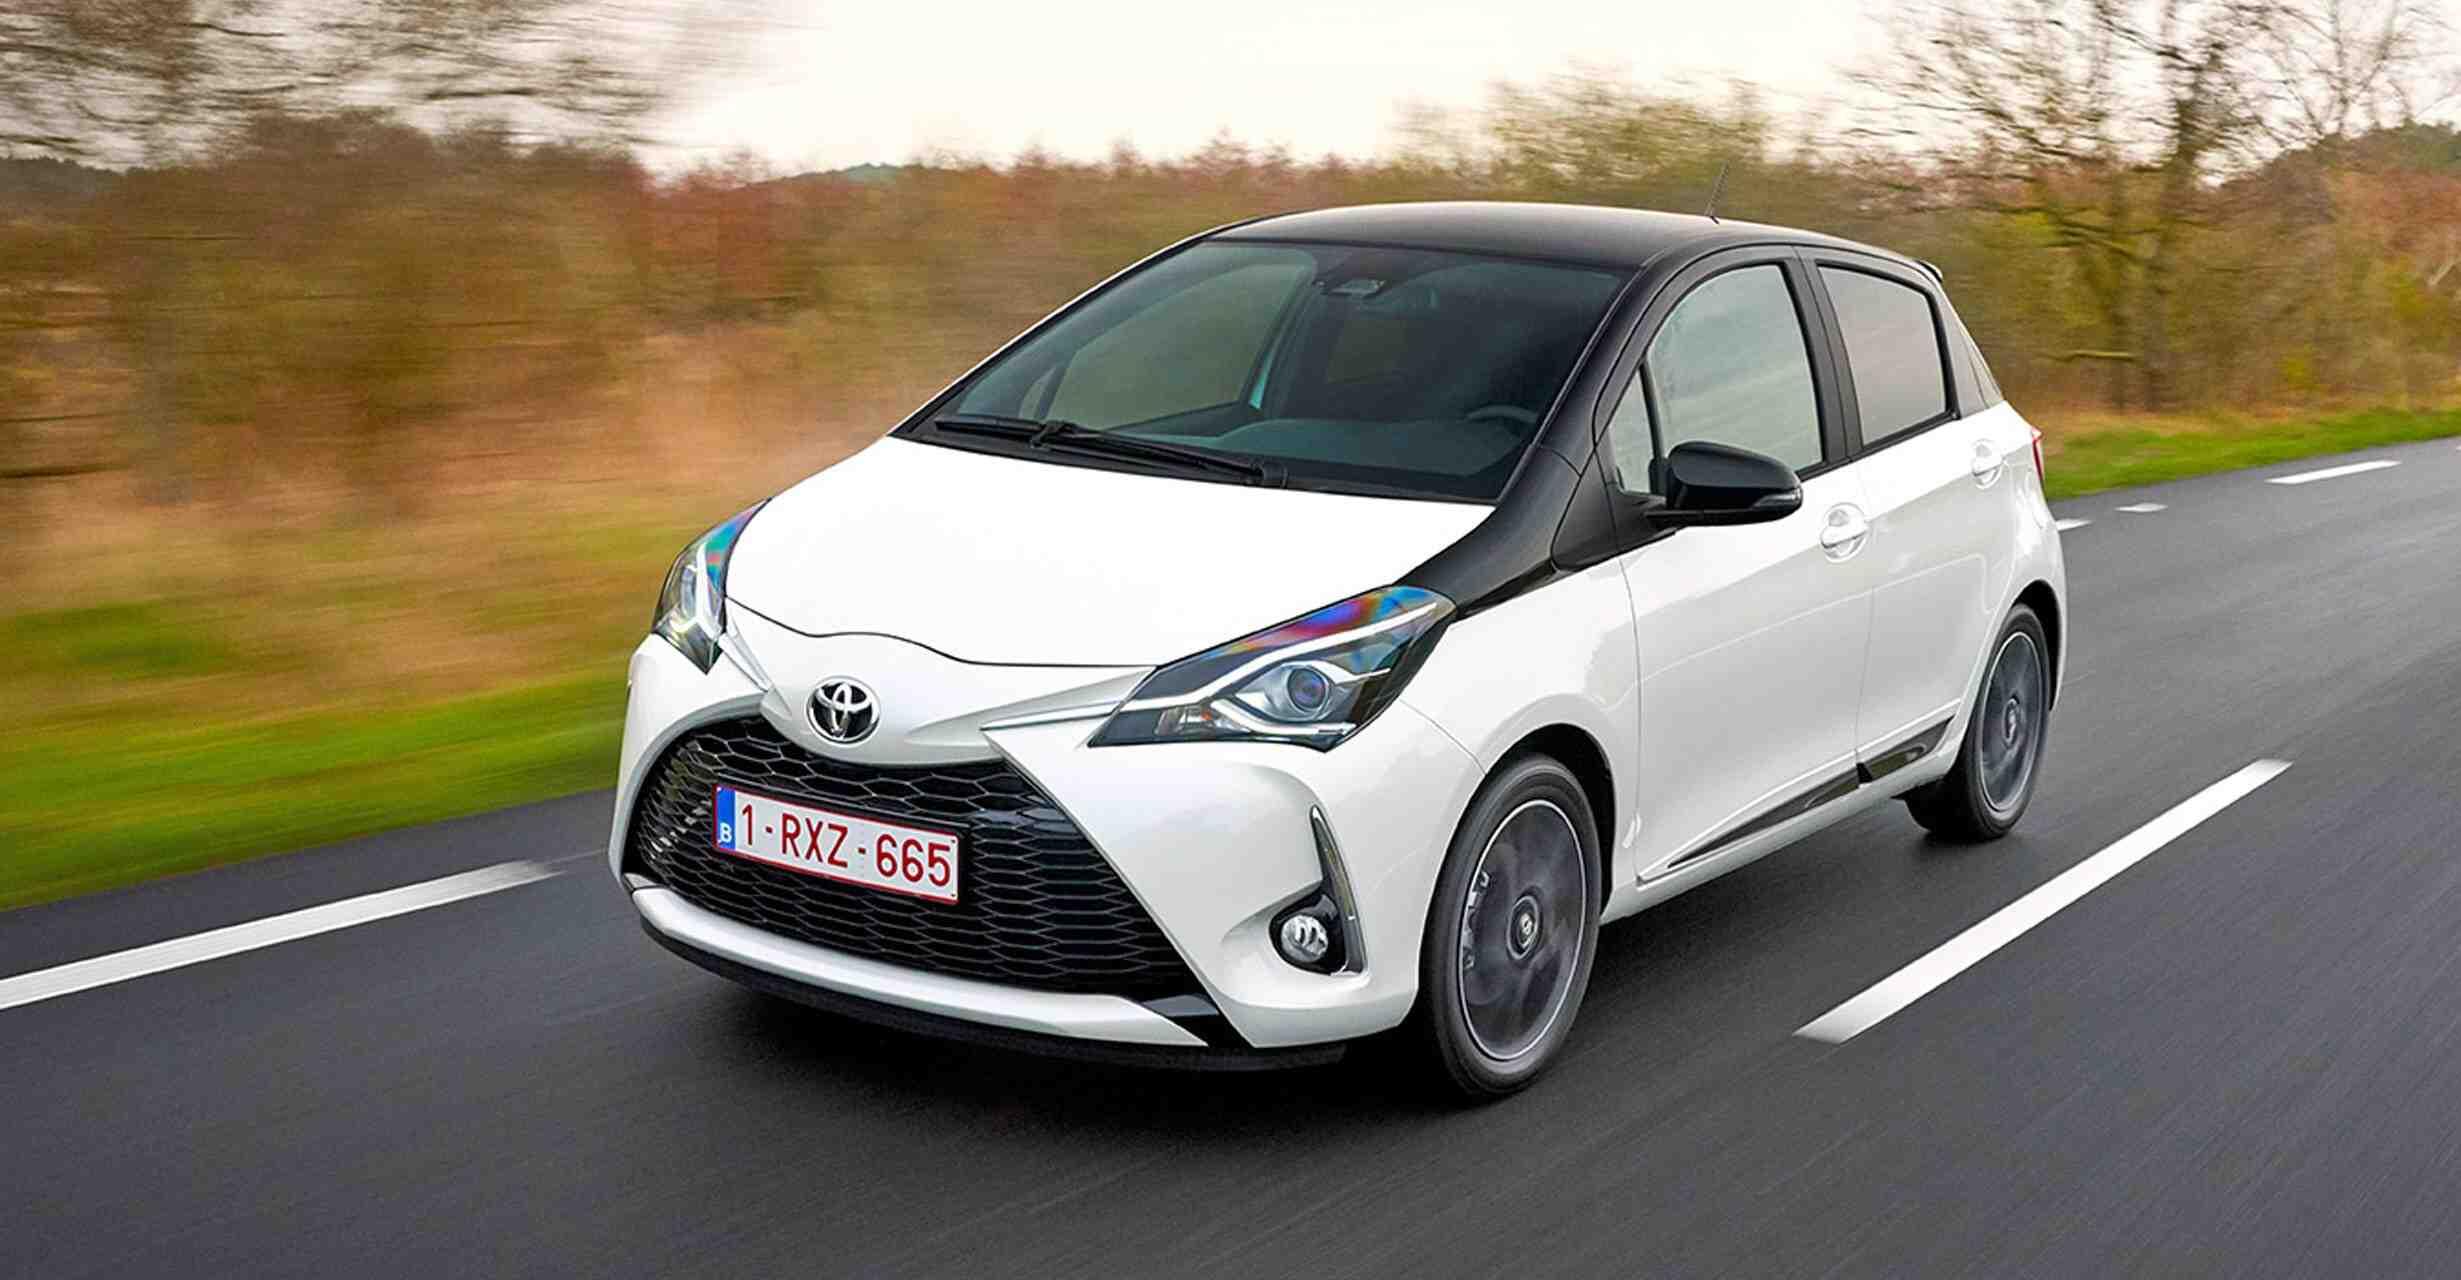 Quel pays fabrique Toyota?